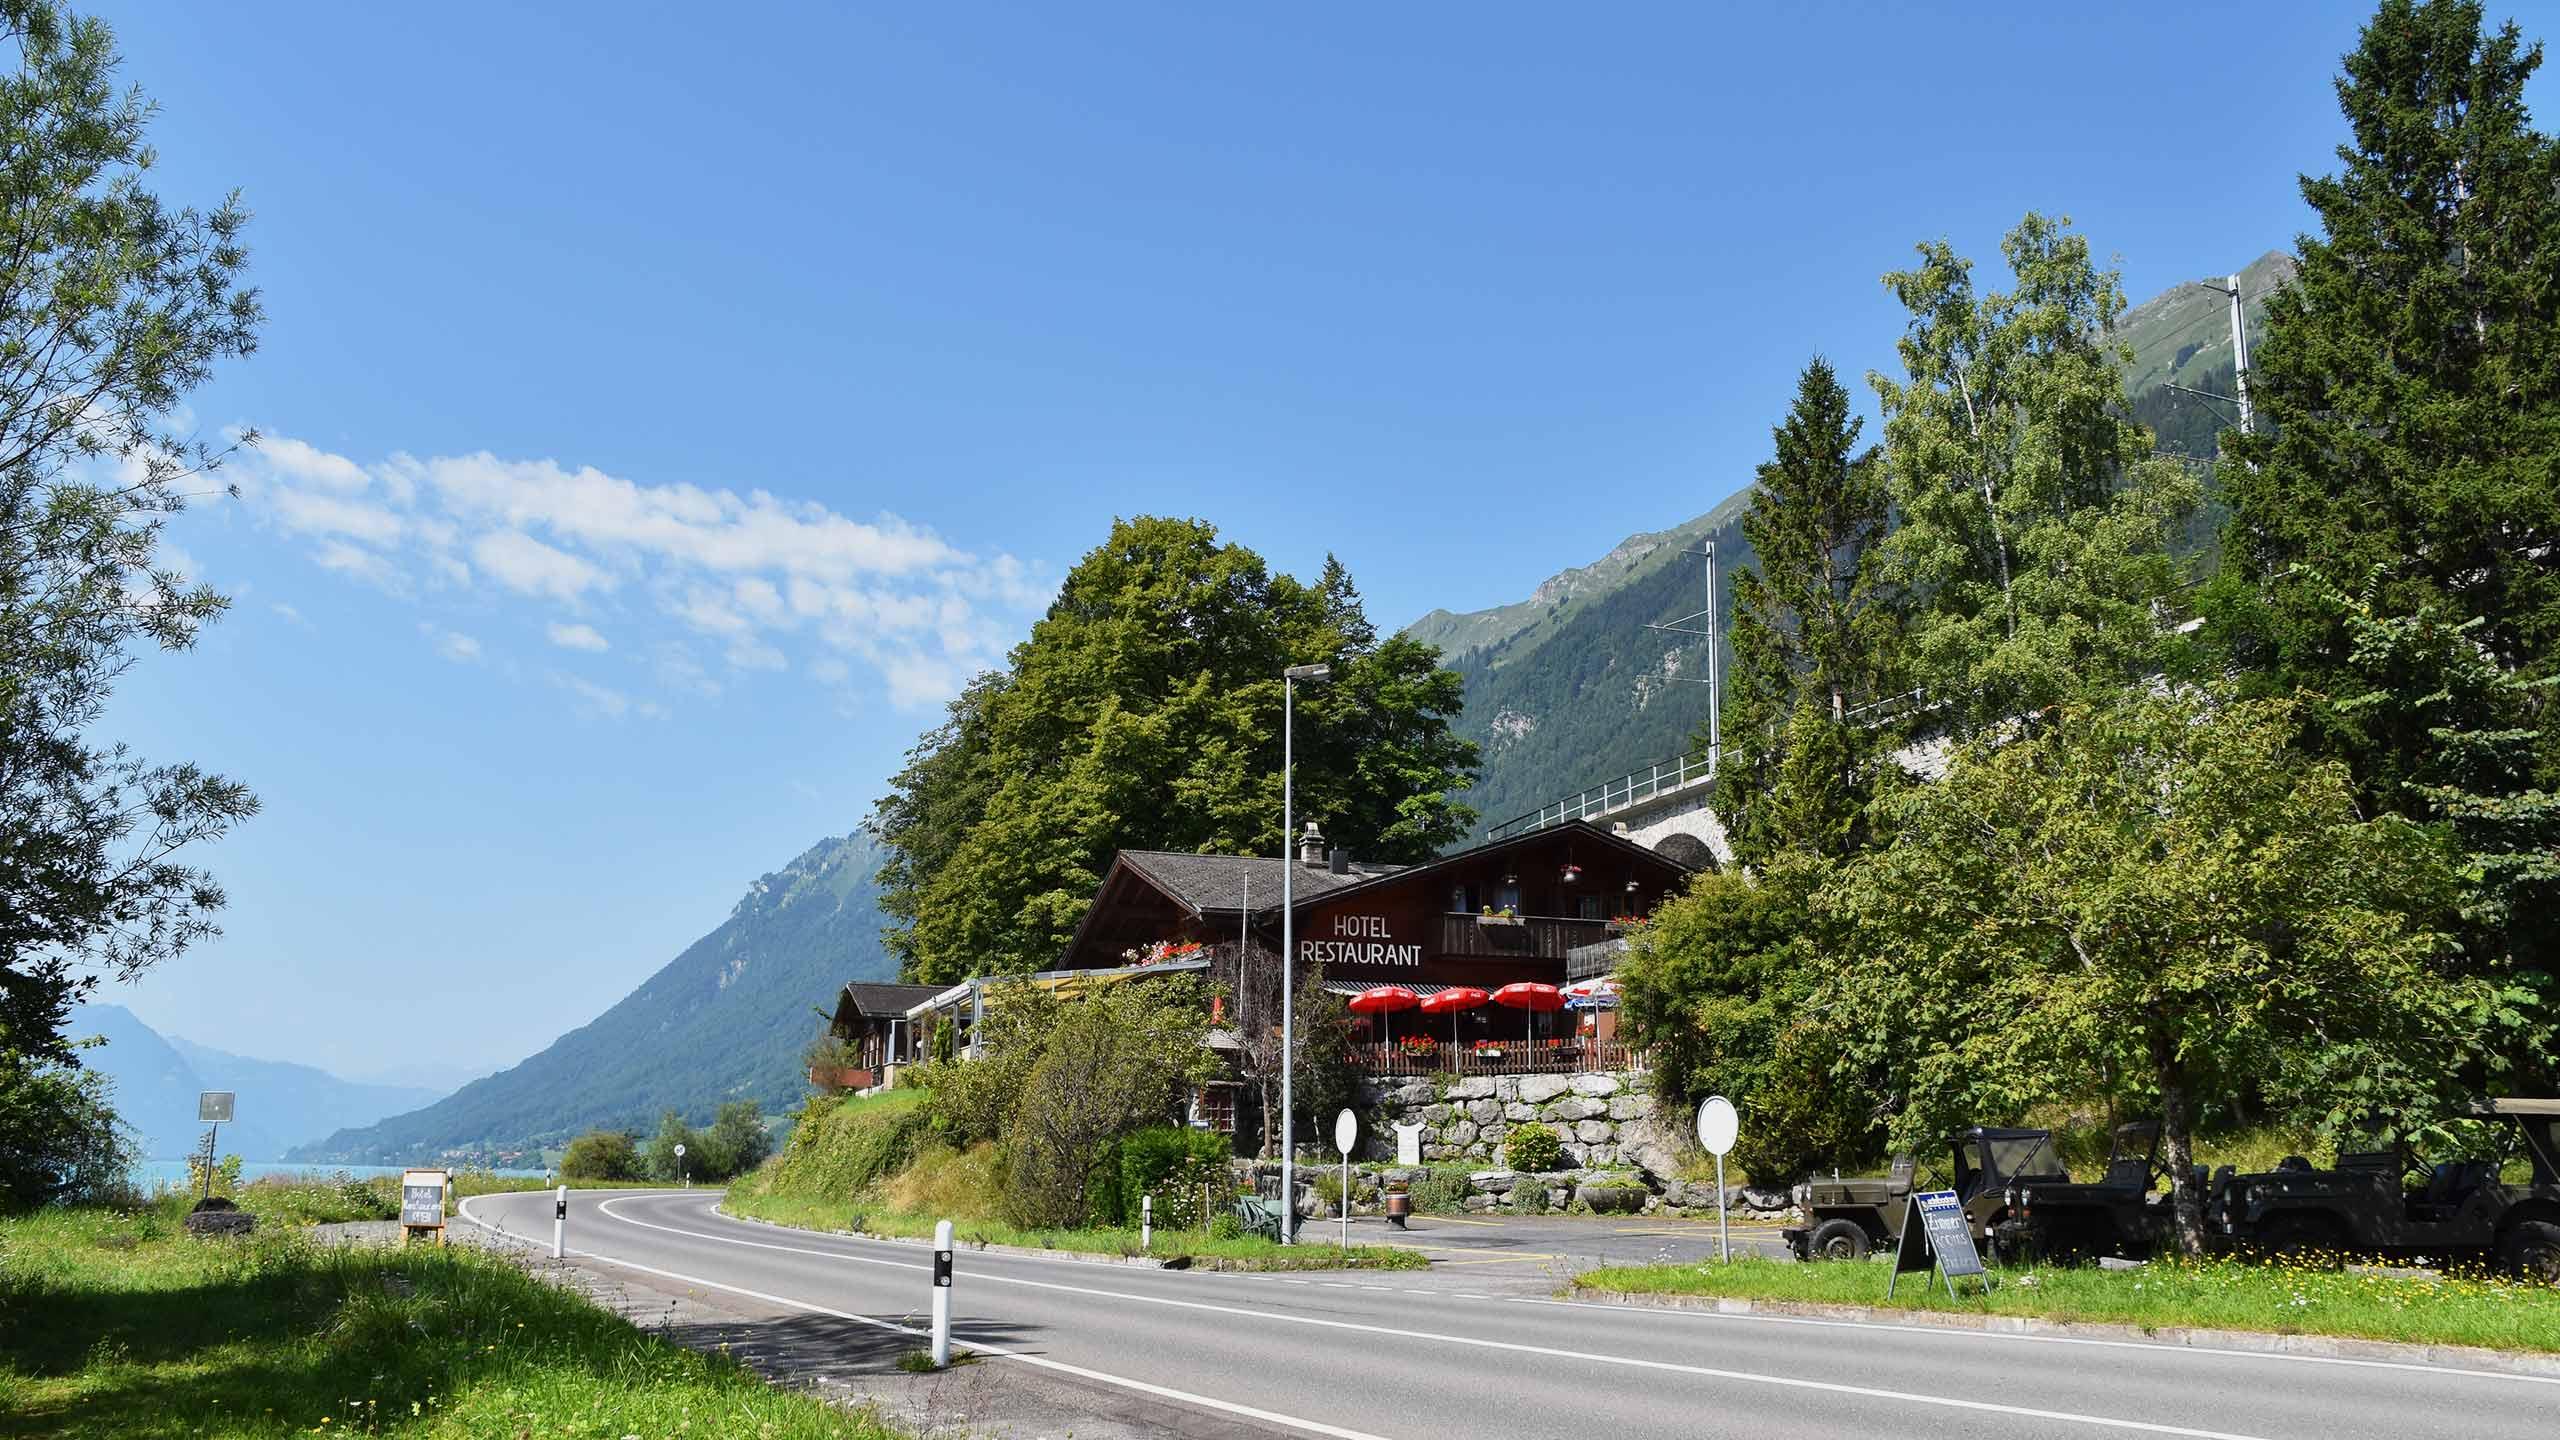 hotel-wildbach-brienz-aussenansicht-gebaeude-strasse-parkplatz.jpg